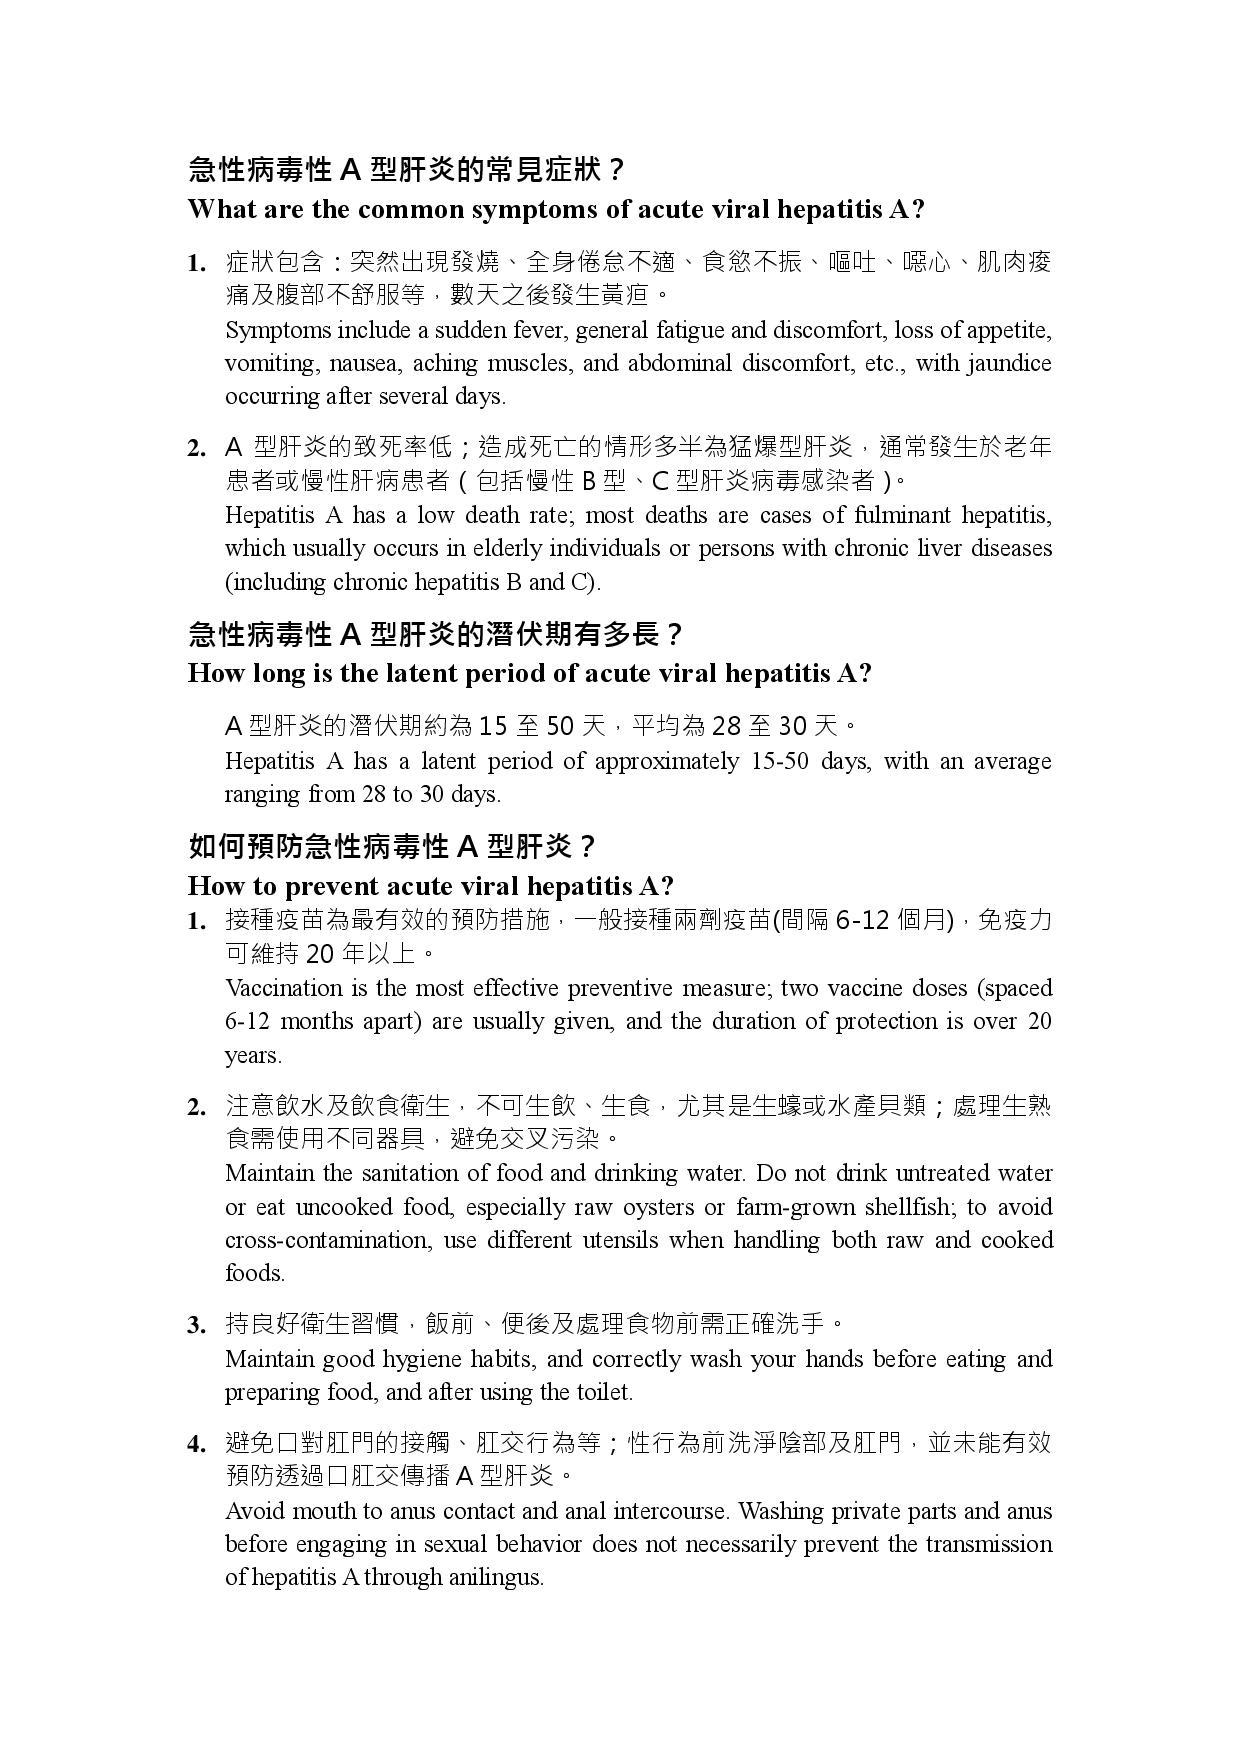 詳如附件【click me】preventing acute viral hepatitis A(Page 2)預防急性病毒性A型肝炎,接種疫苗最有效(英文)